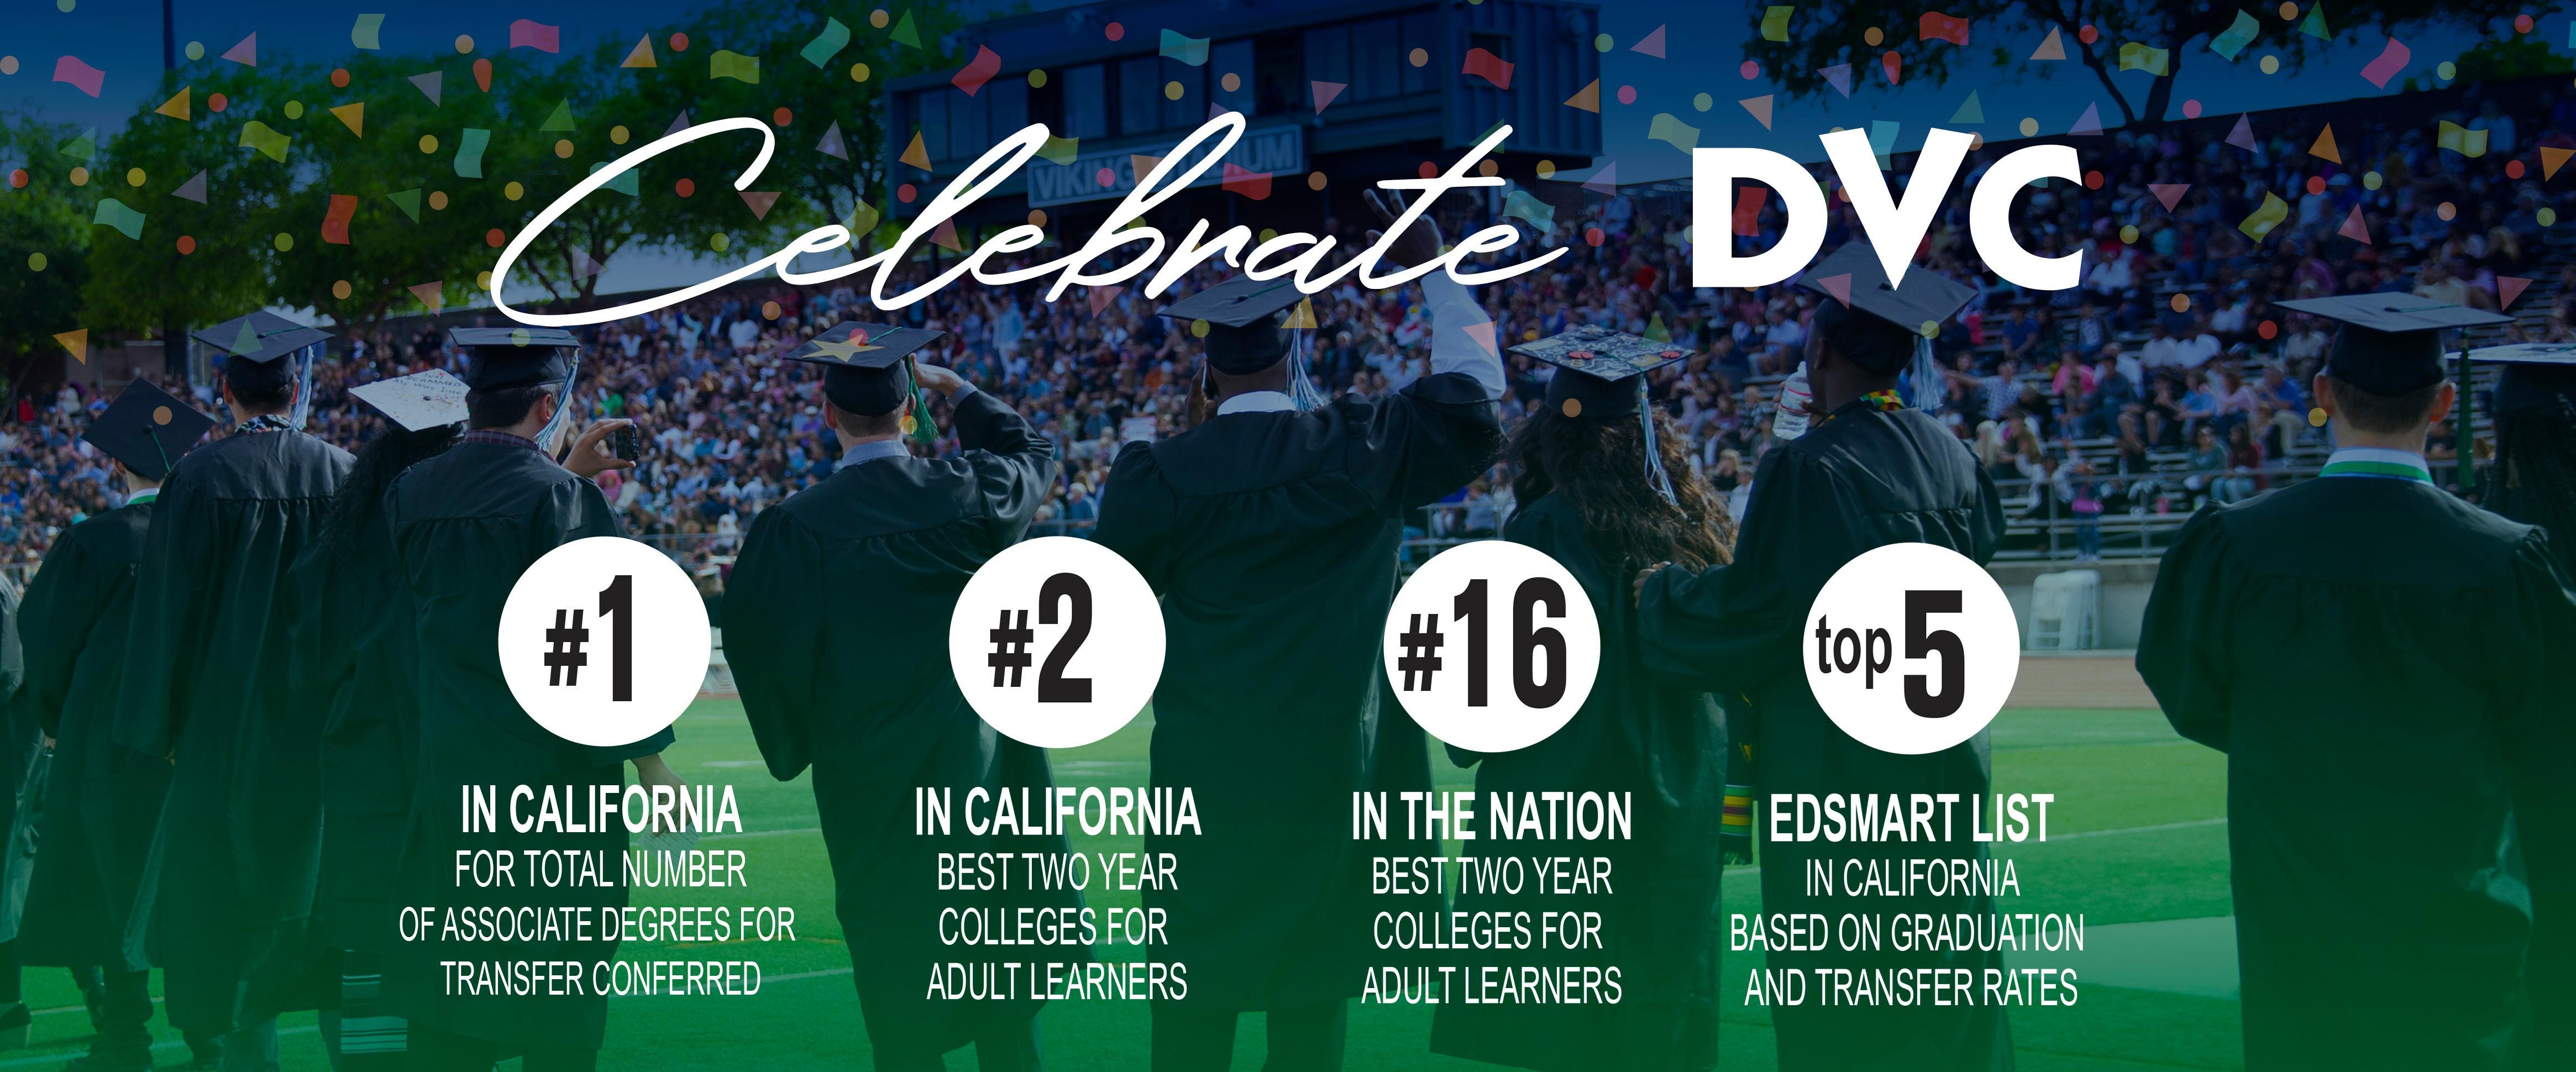 Celebrate DVC